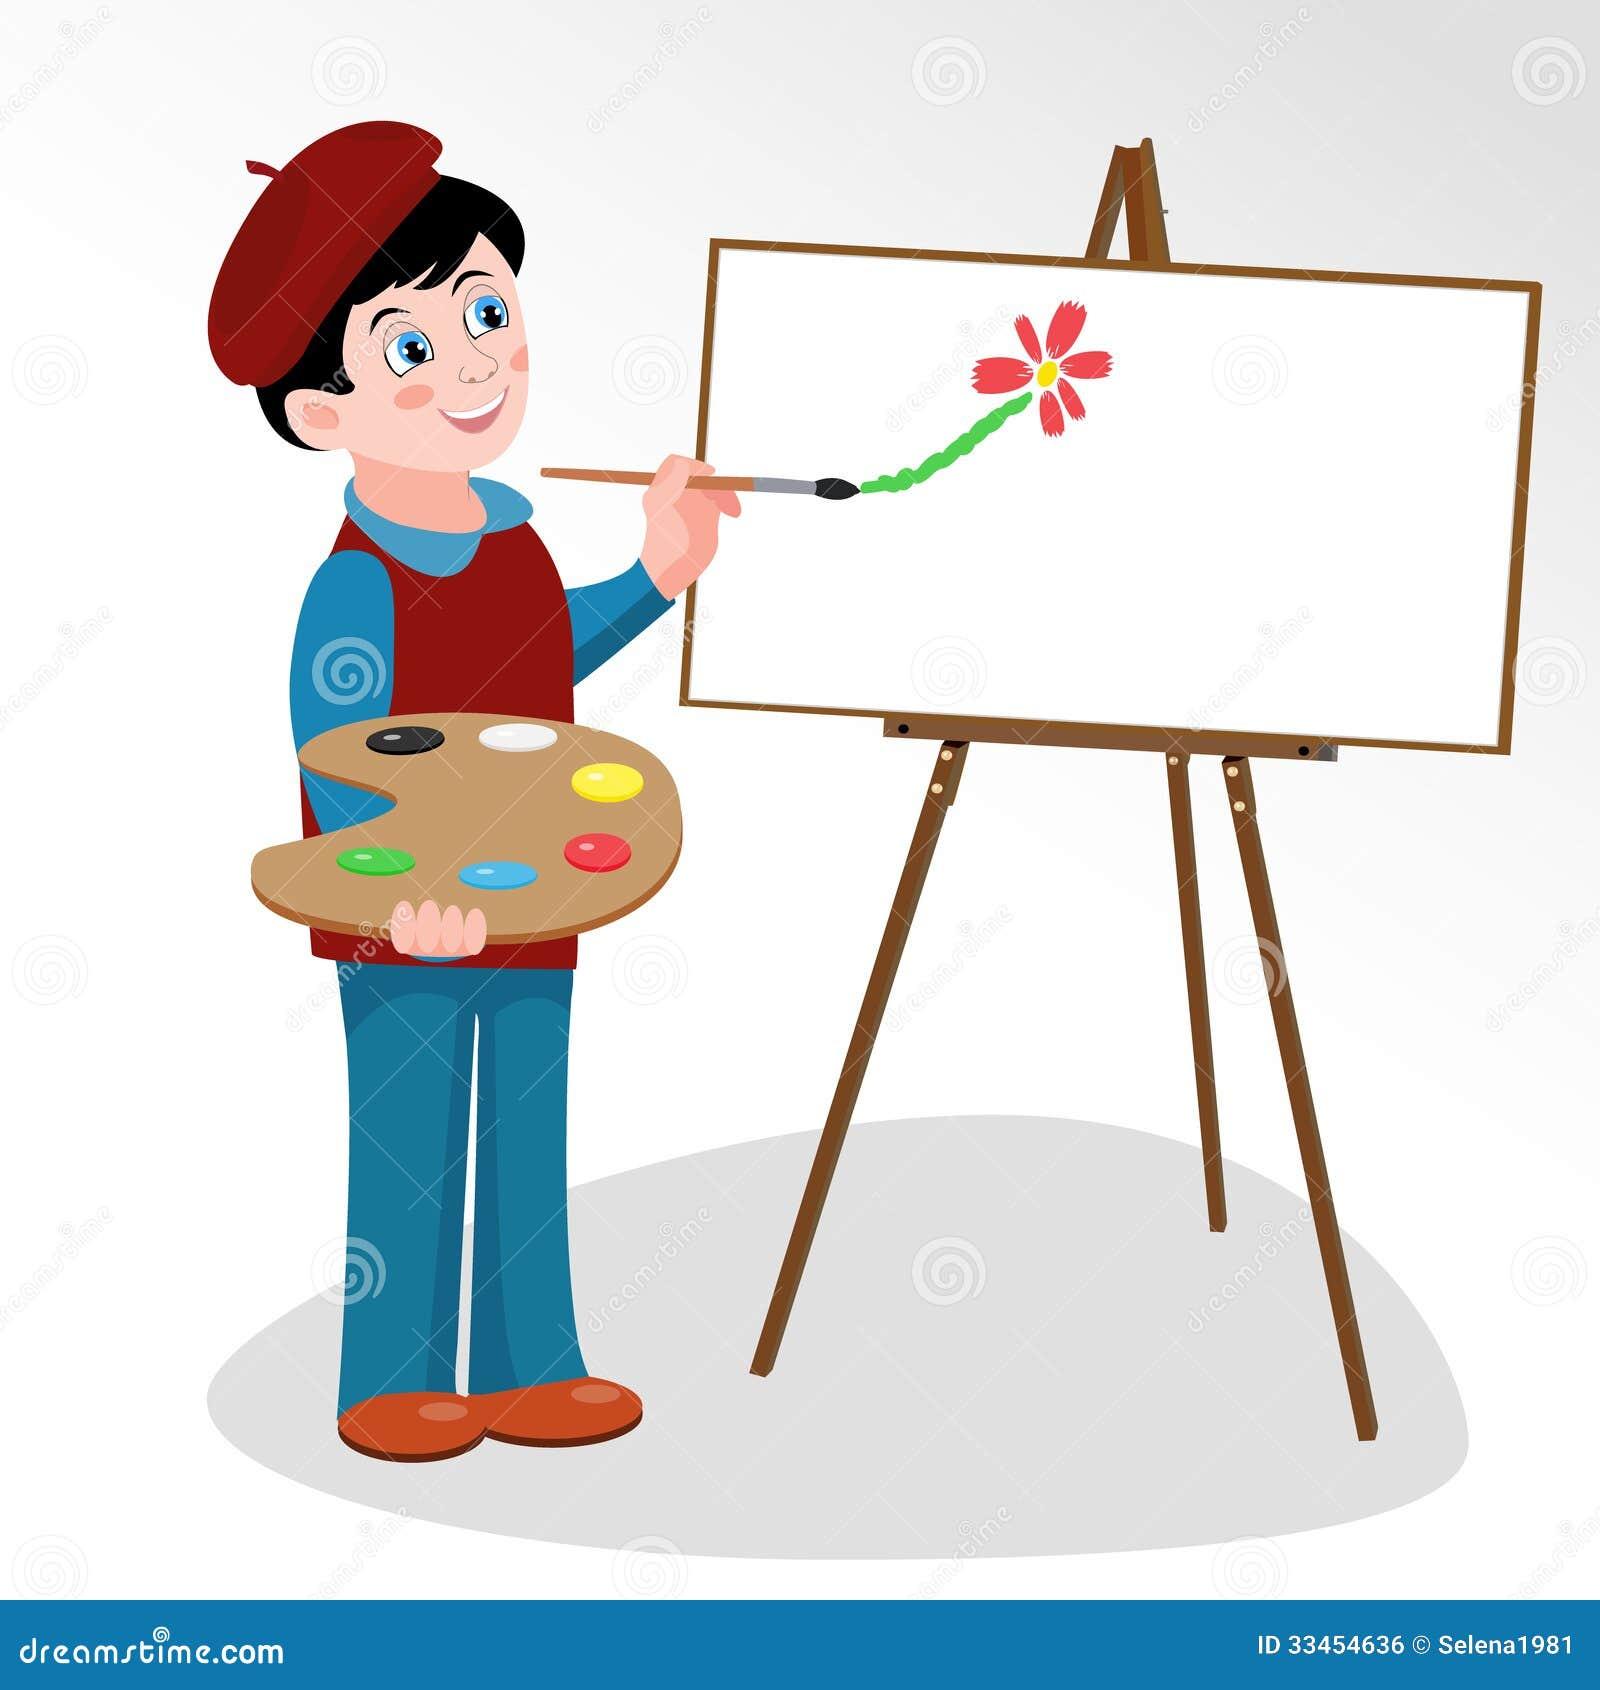 L 39 artista dipinge l 39 immagine sul cavalletto illustrazione vettoriale illustrazione di disegno - Cavalletto da pittore da tavolo ...